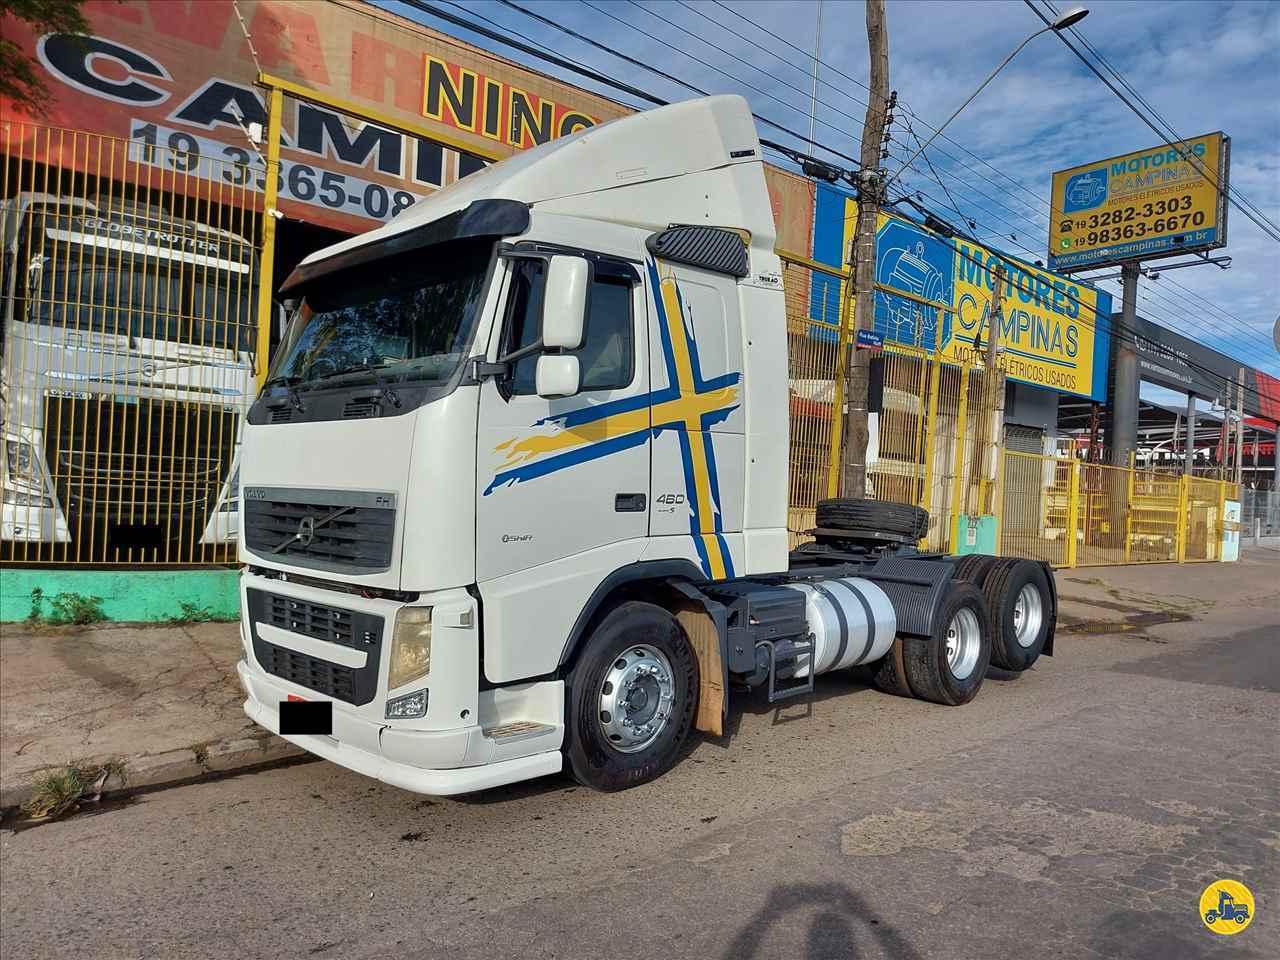 CAMINHAO VOLVO VOLVO FH 460 Cavalo Mecânico Truck 6x2 Nino Caminhões CAMPINAS SÃO PAULO SP